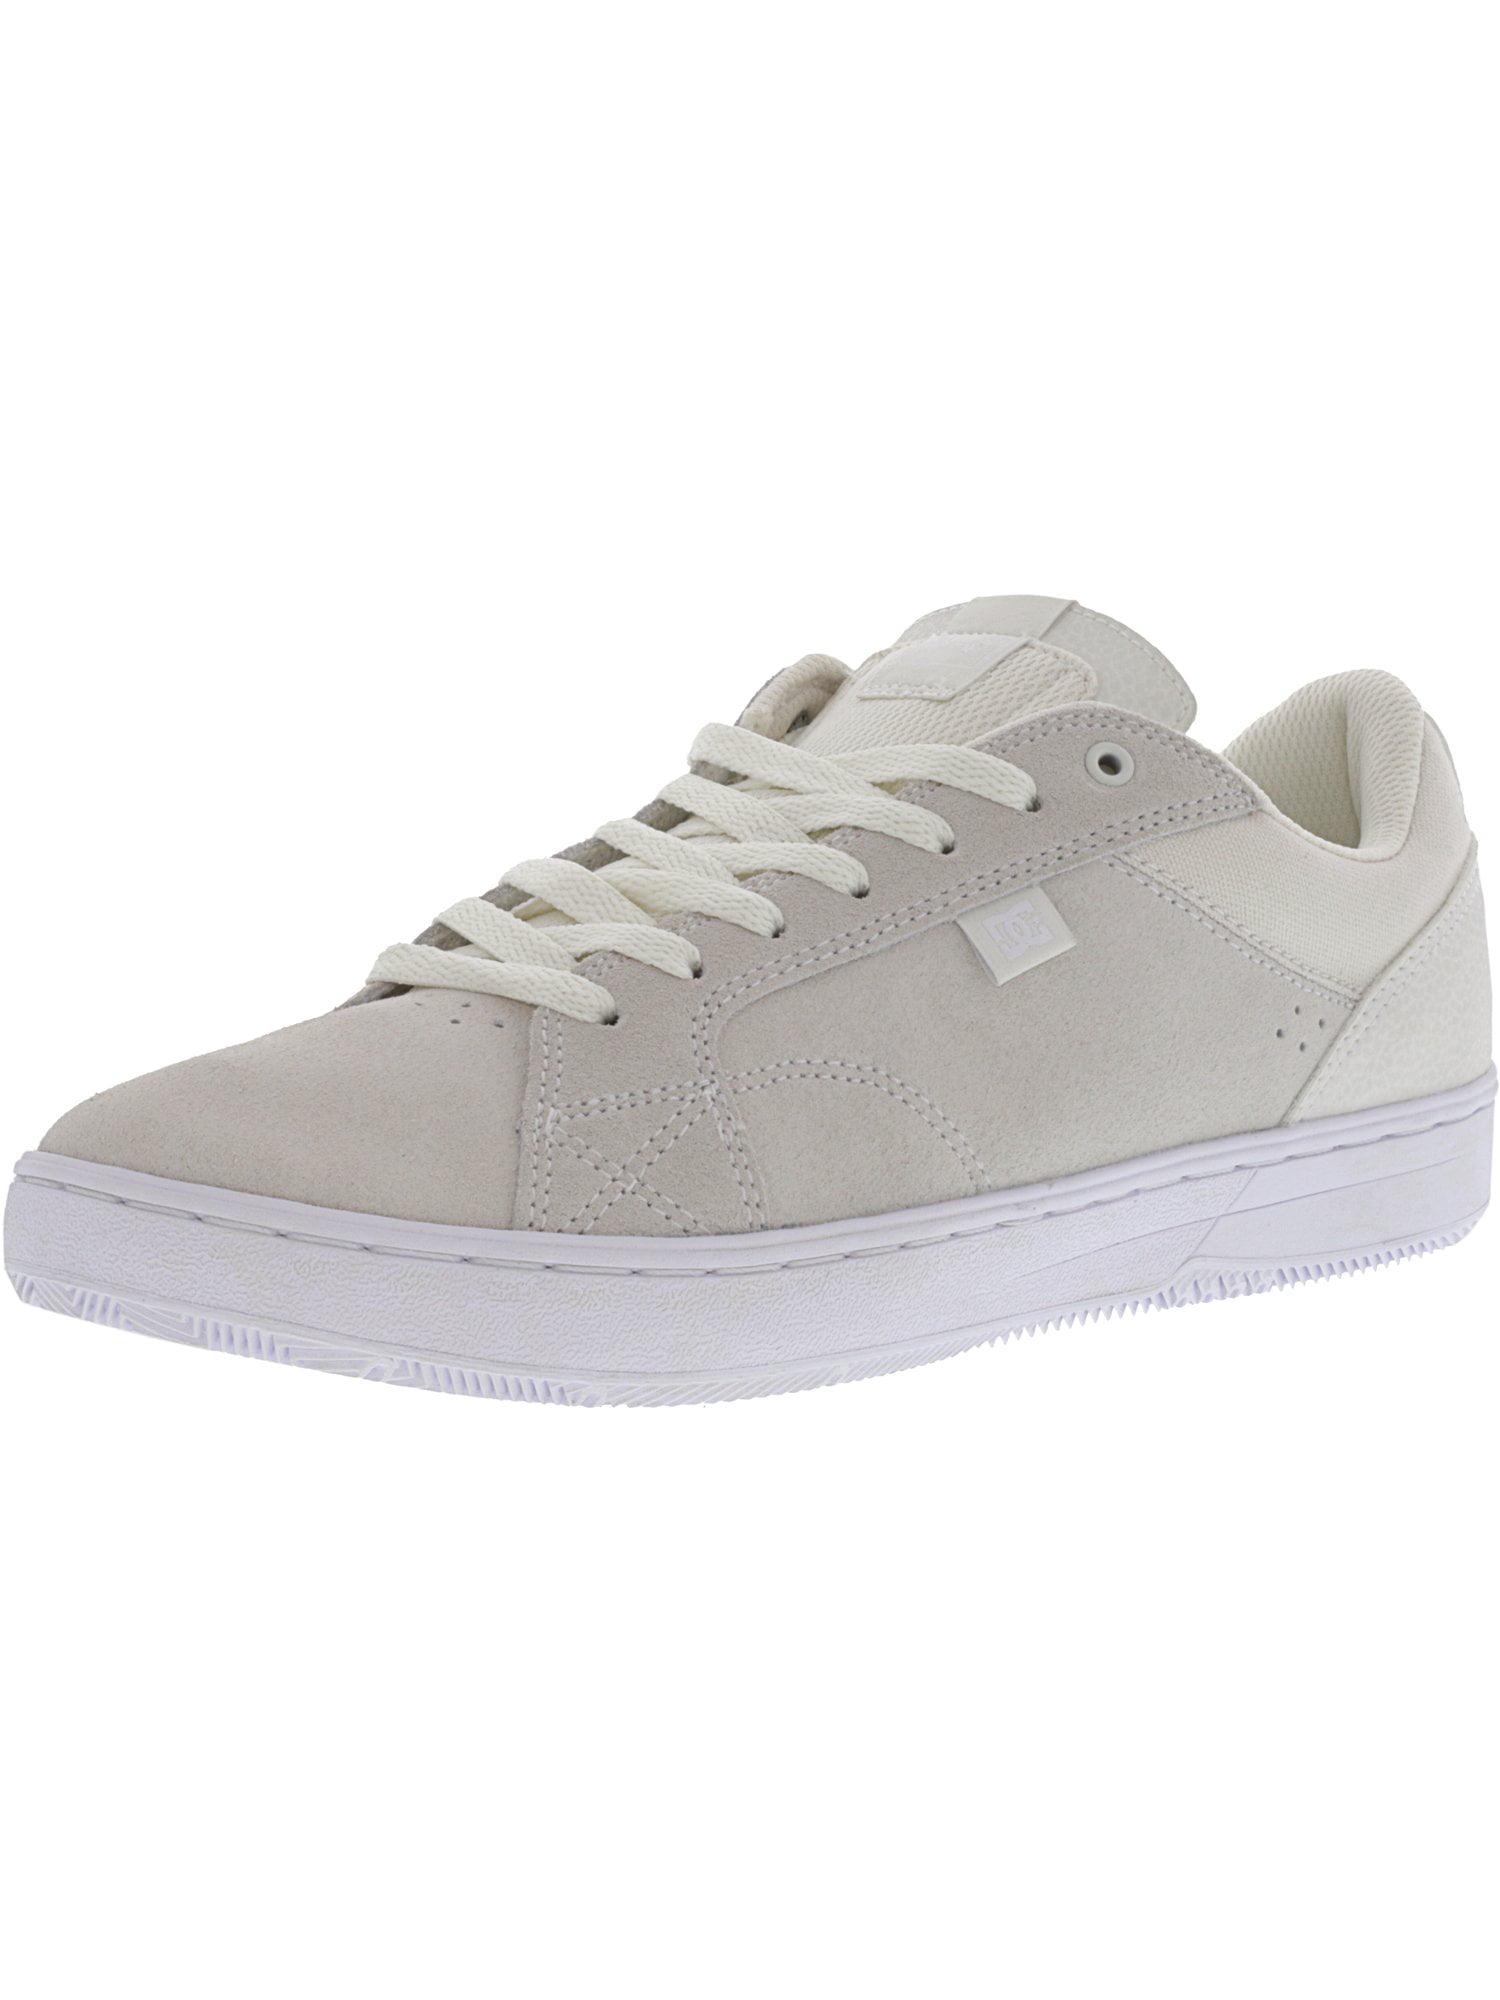 Men's Astor S Cream Ankle-High Leather Skateboarding Shoe - 10.5M